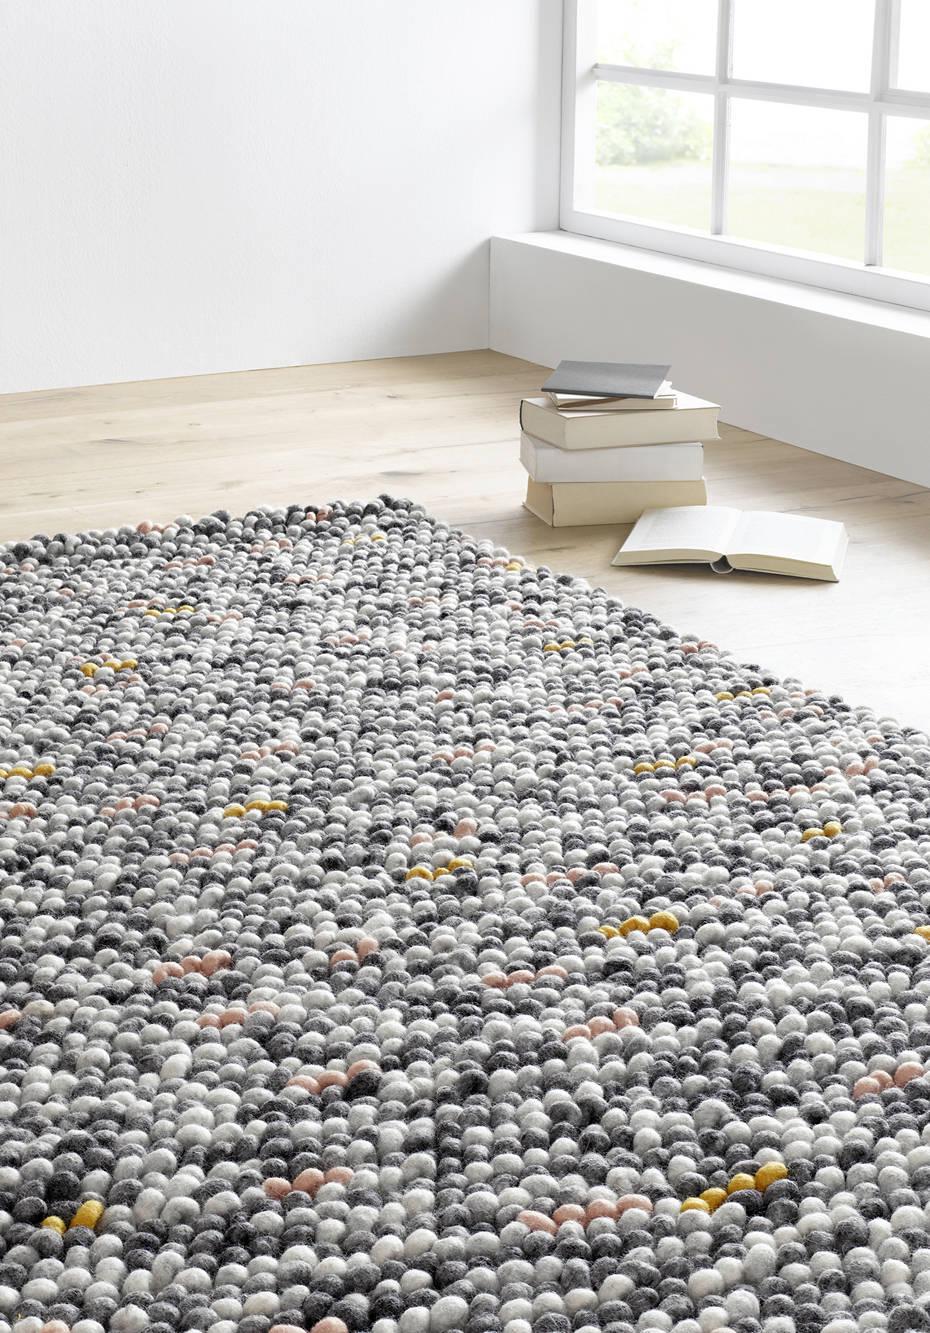 schurwoll teppich colori rh nschaf hessnatur deutschland. Black Bedroom Furniture Sets. Home Design Ideas